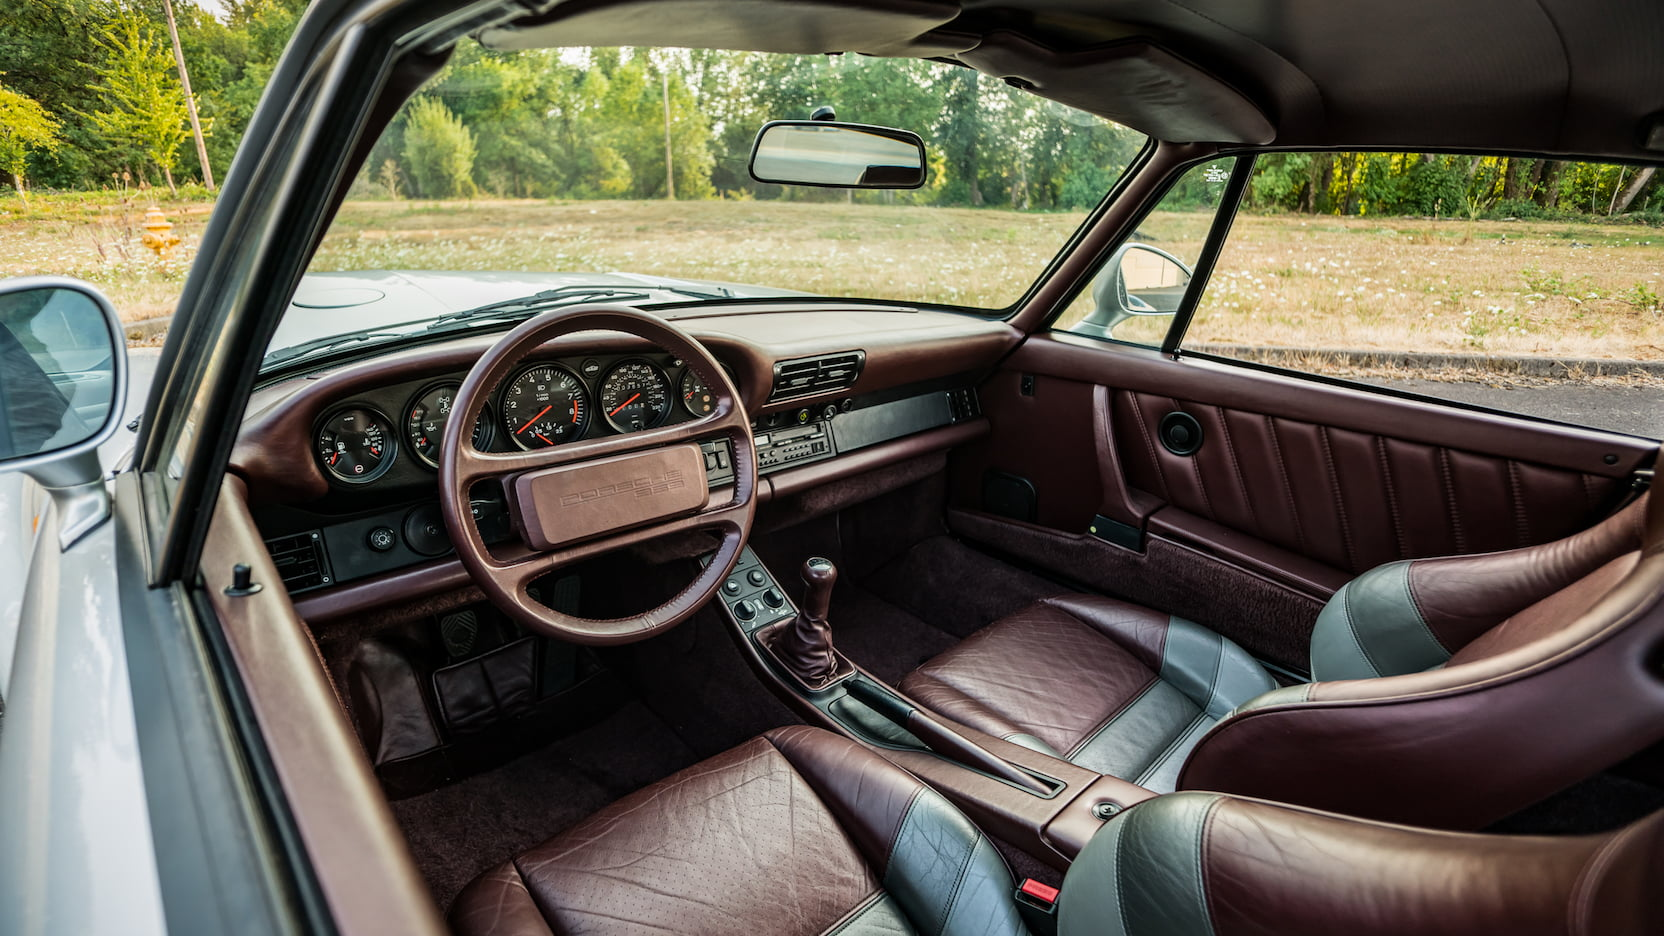 1987 Porsche 959 Komfort interior